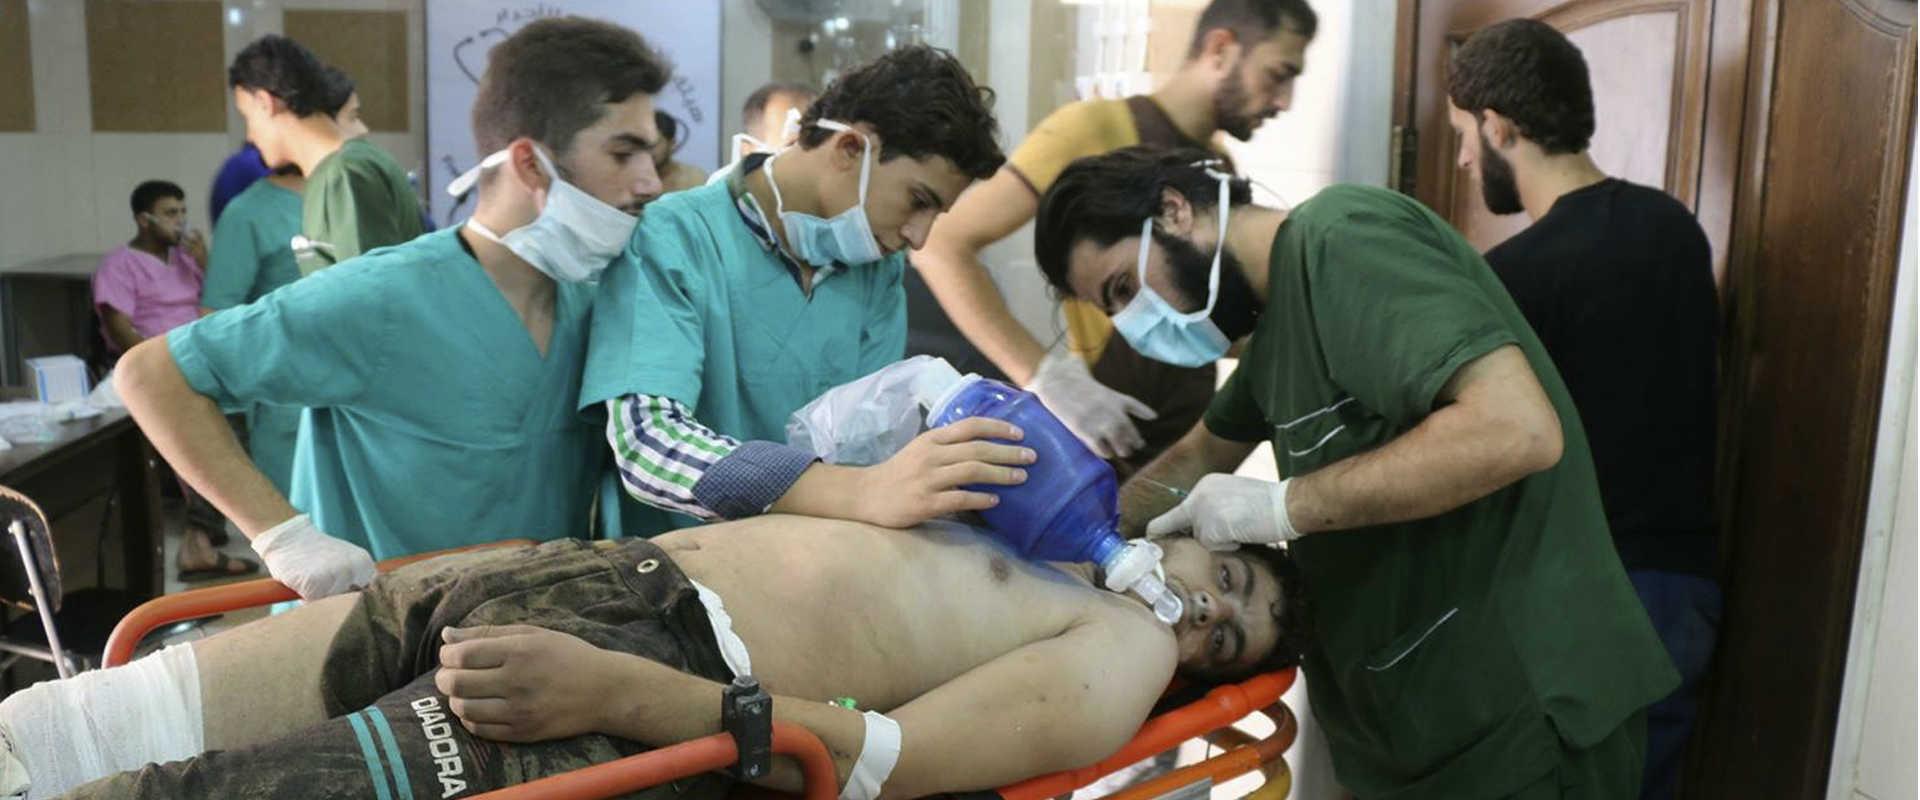 סוריה, ספטמבר 2016. טיפול רפואי בפצוע משאיפת גז